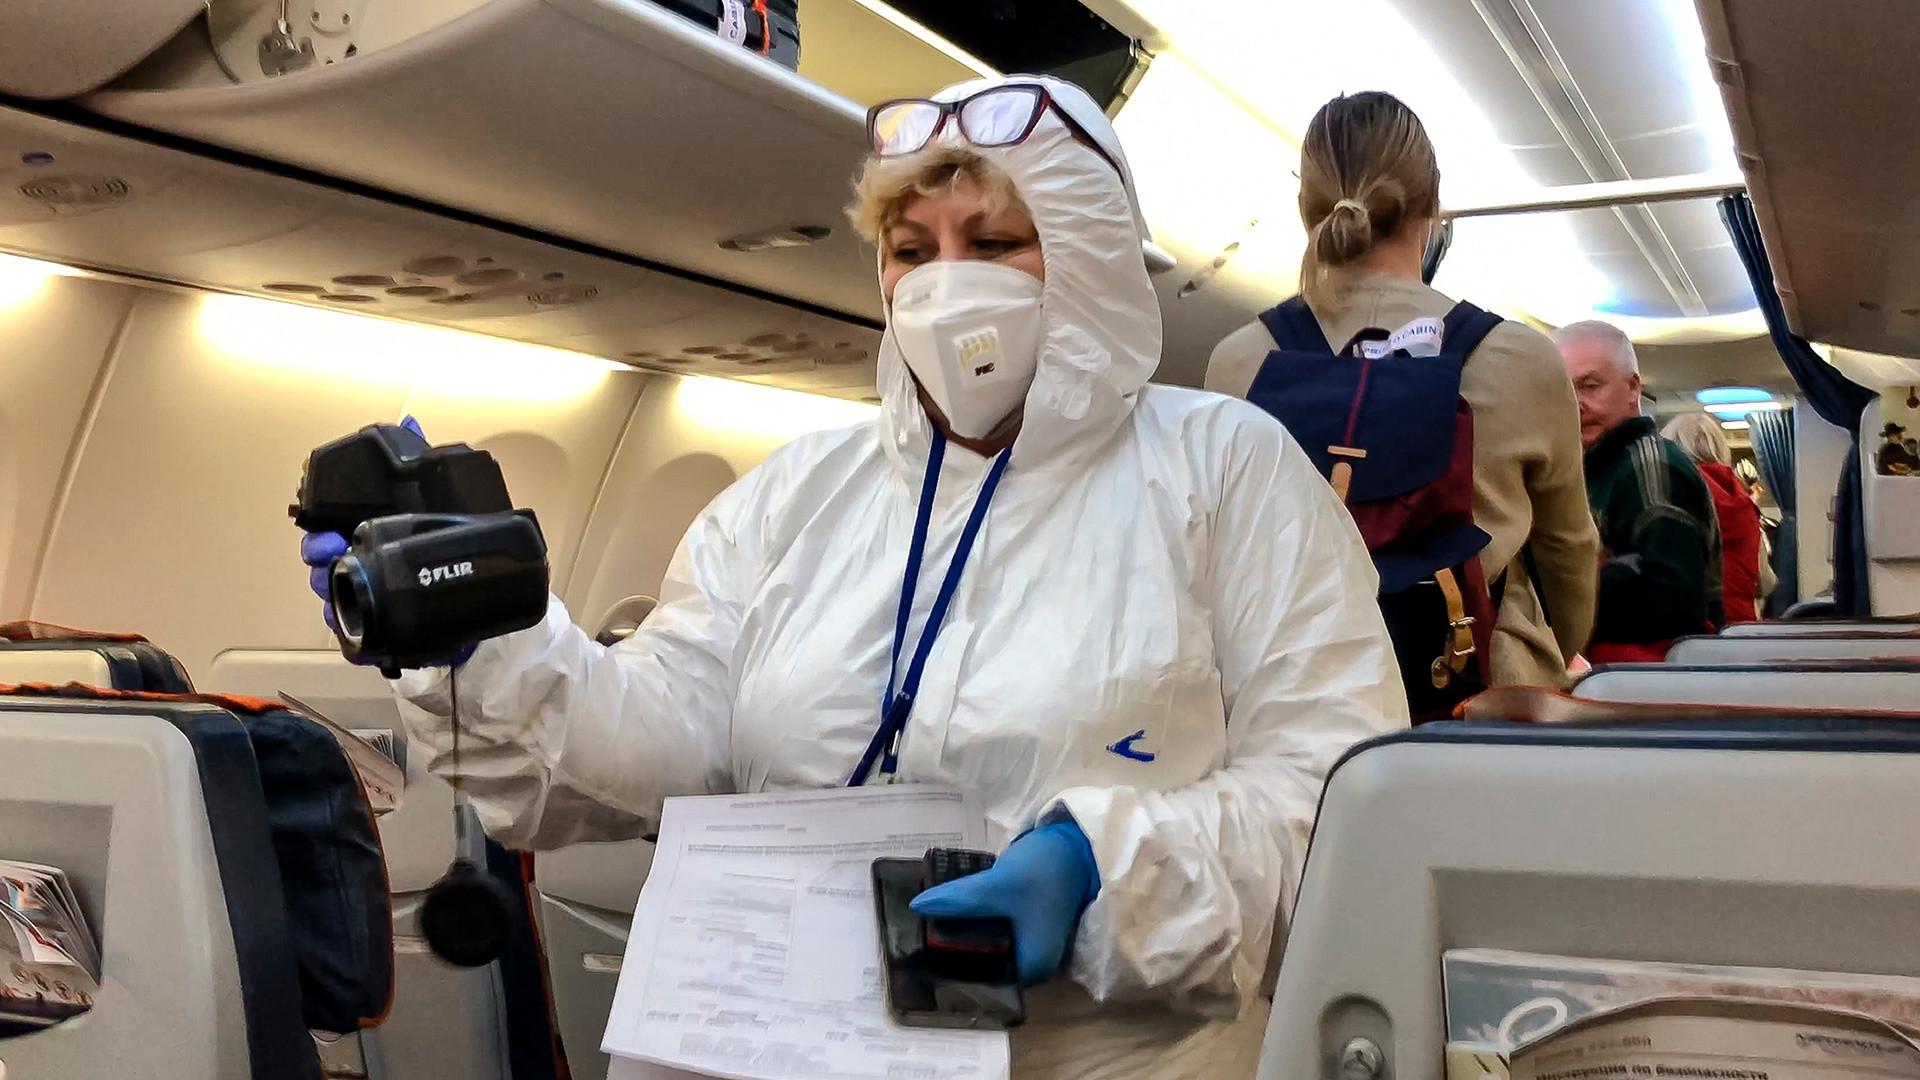 Ruska medicinska stručnjakinja provjerava putnike koji dolaze iz Italije unutar zrakoplova na aerodromu Šeremetjevo, Moskva, 8. ožujka 2020. godine.